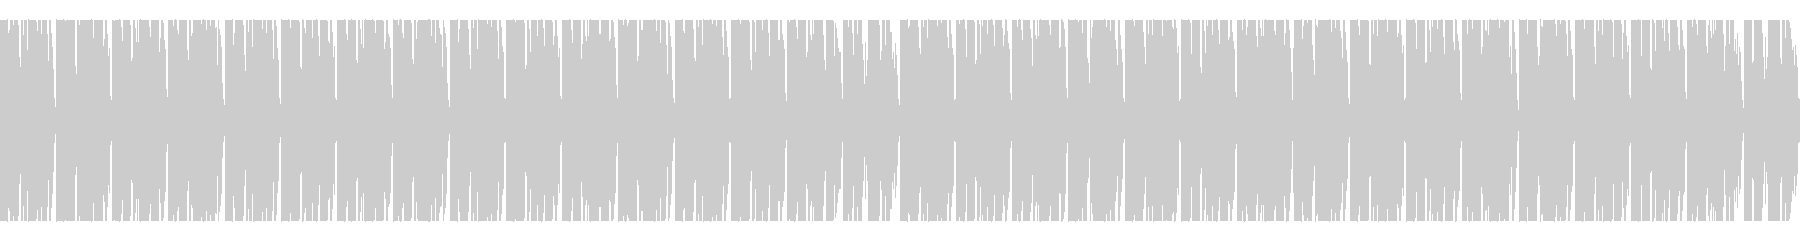 わくわく×ポップ×期待膨らむメニュー画面の未再生の波形